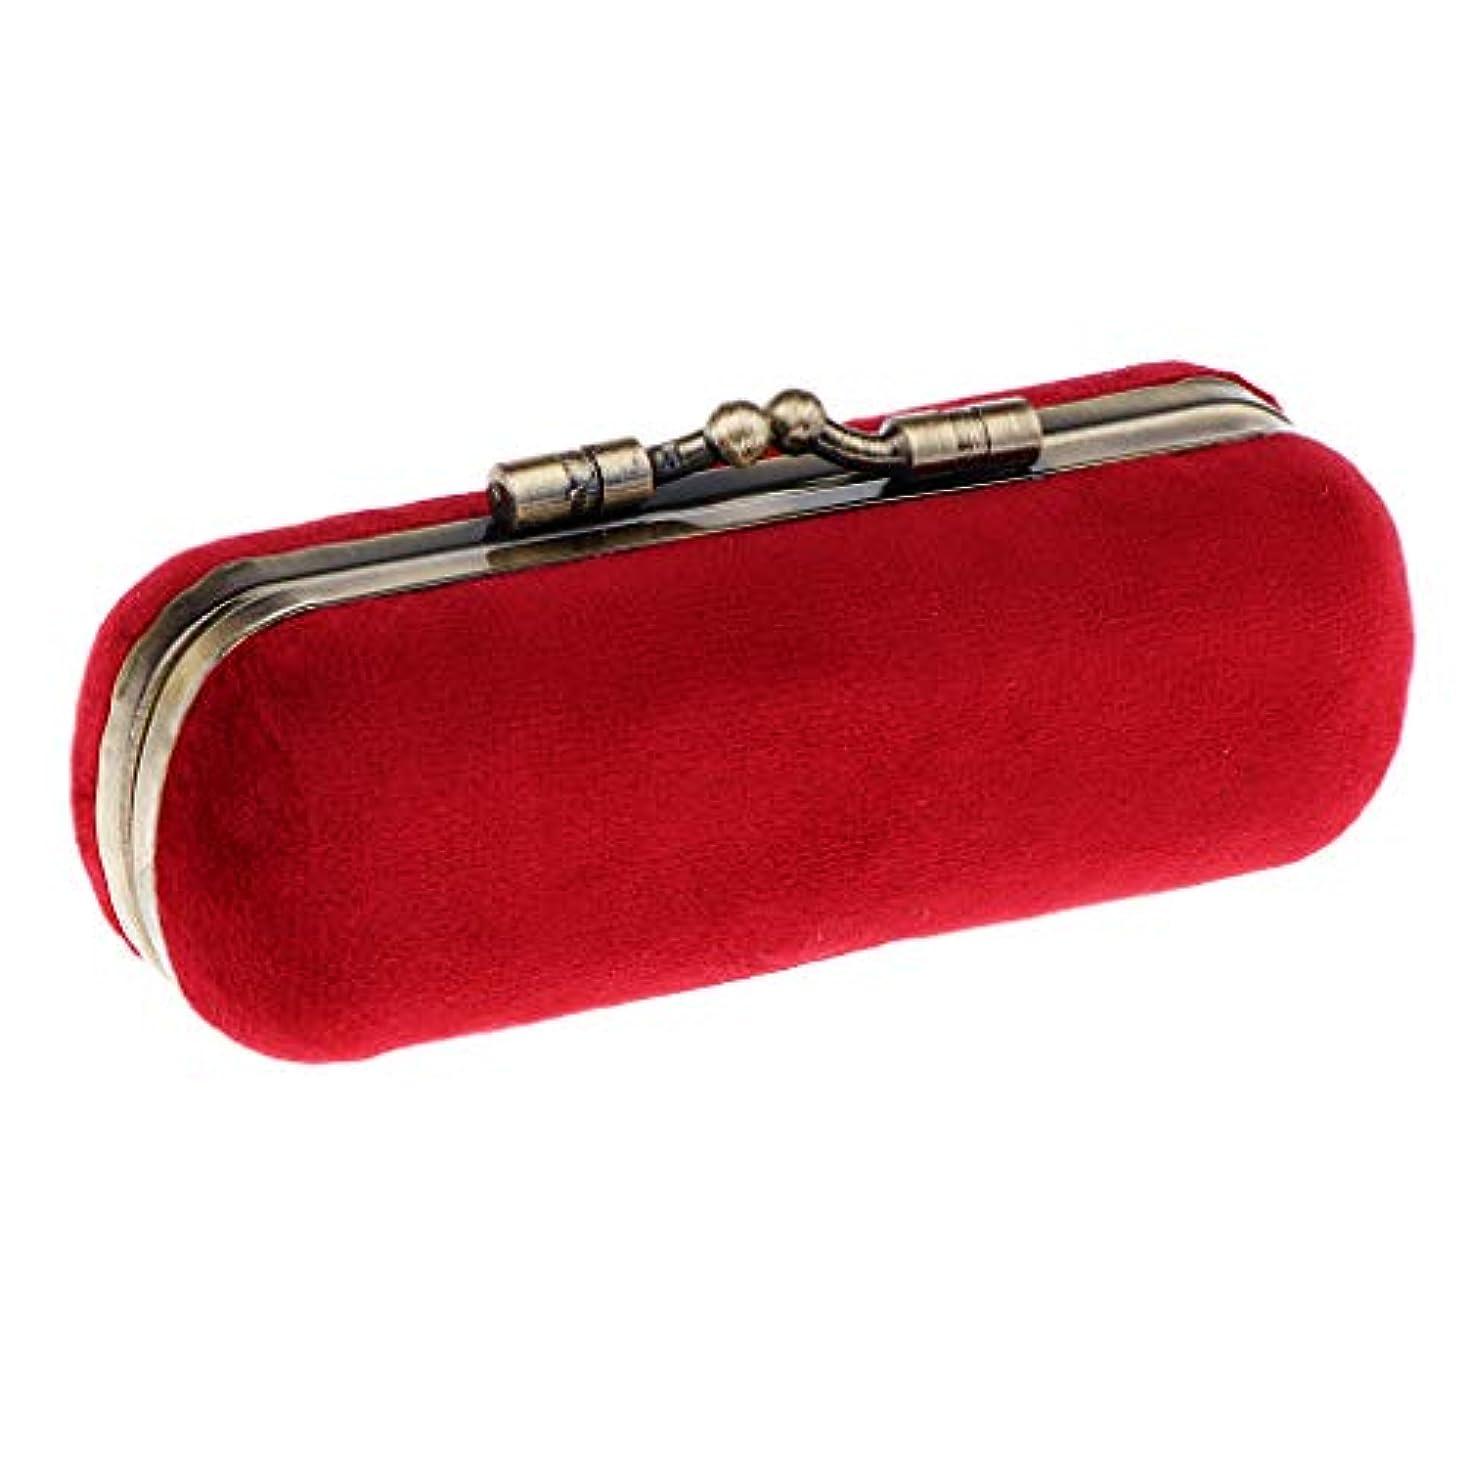 サーカスドループ非武装化Sharplace 口紅ホルダー 空箱 メイクボックス 化粧ポーチ 化粧ケース 収納ボックス 全8色 - 赤紫